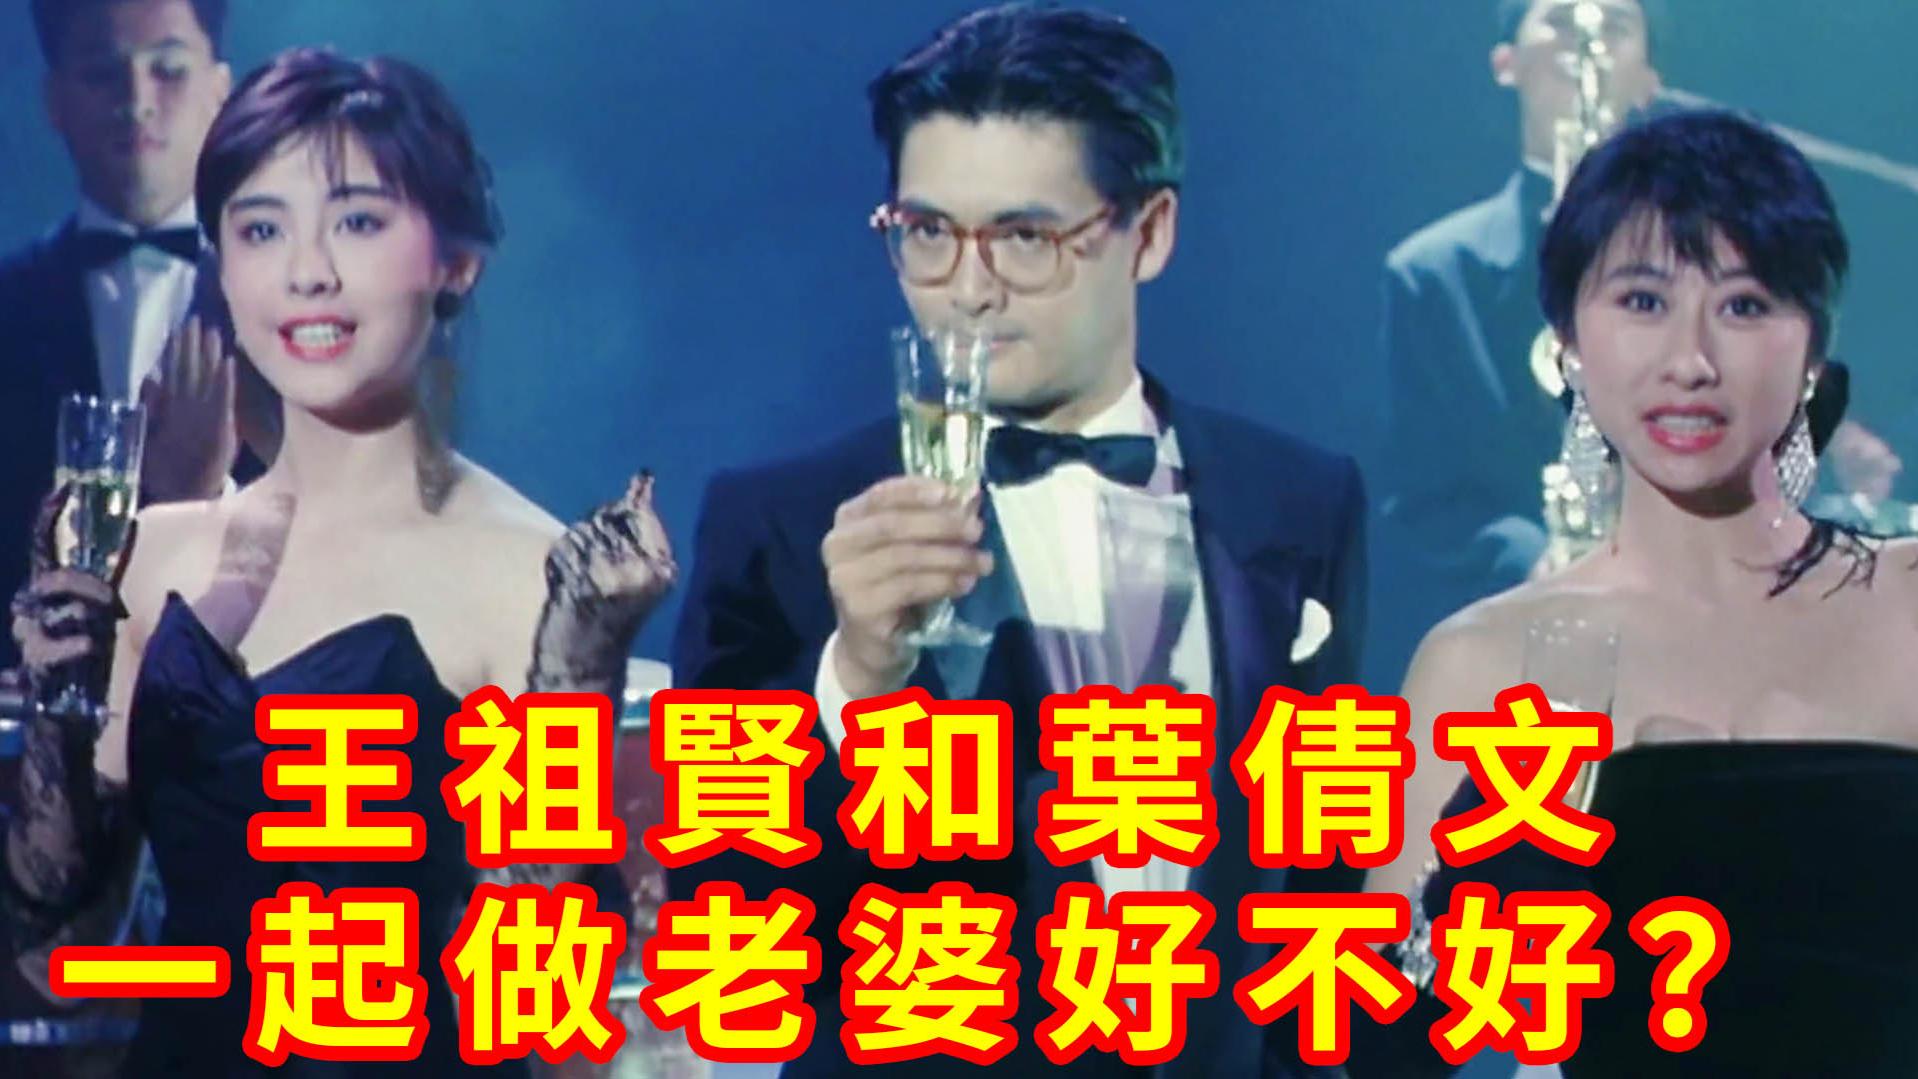 香港两大女神,一起给你做老婆好不好?王祖贤和叶倩文《大丈夫日记》